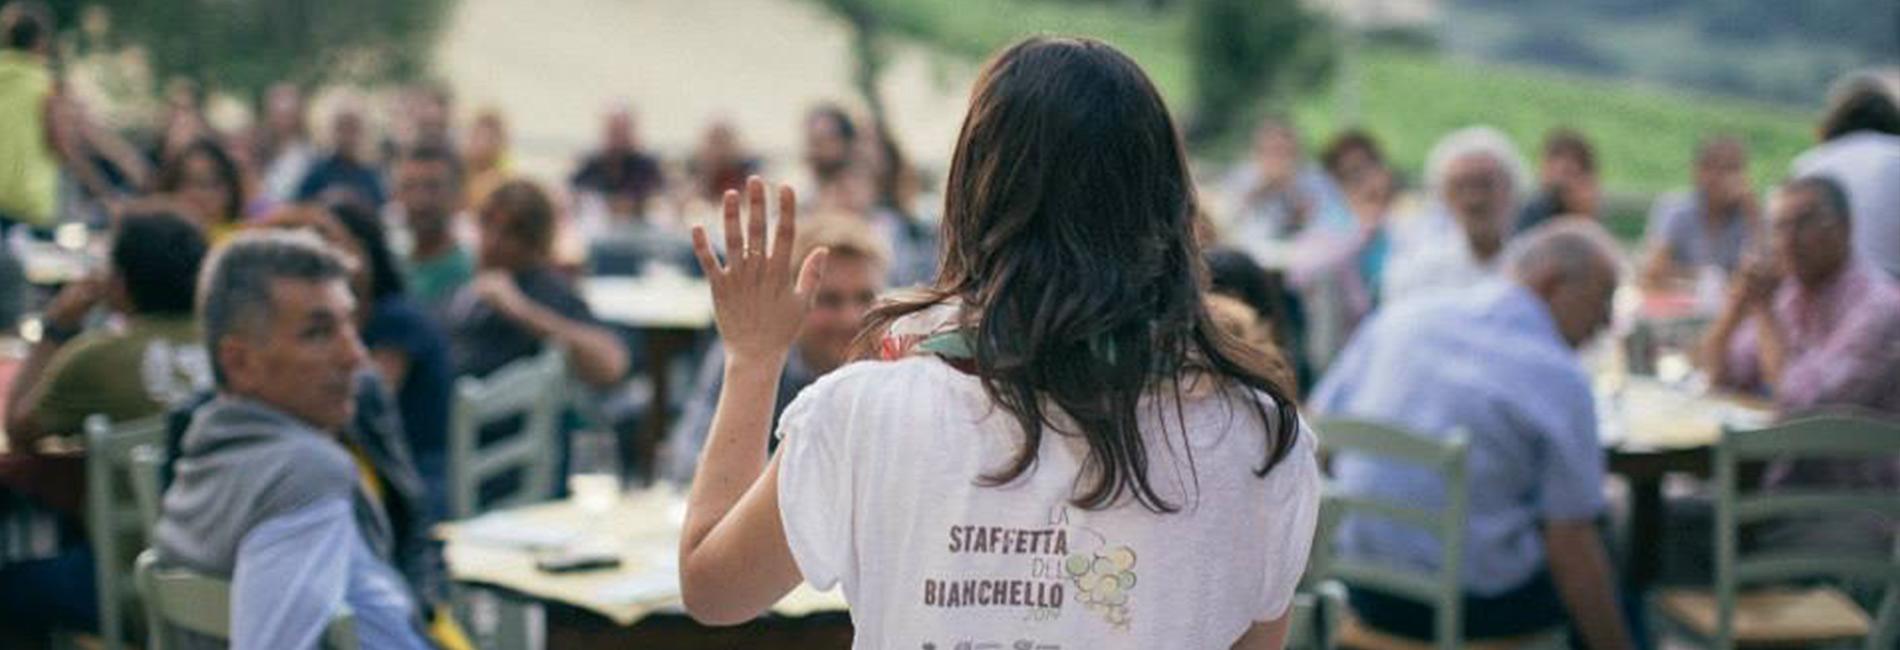 Sara Bracci durante la Staffetta del Bianchello